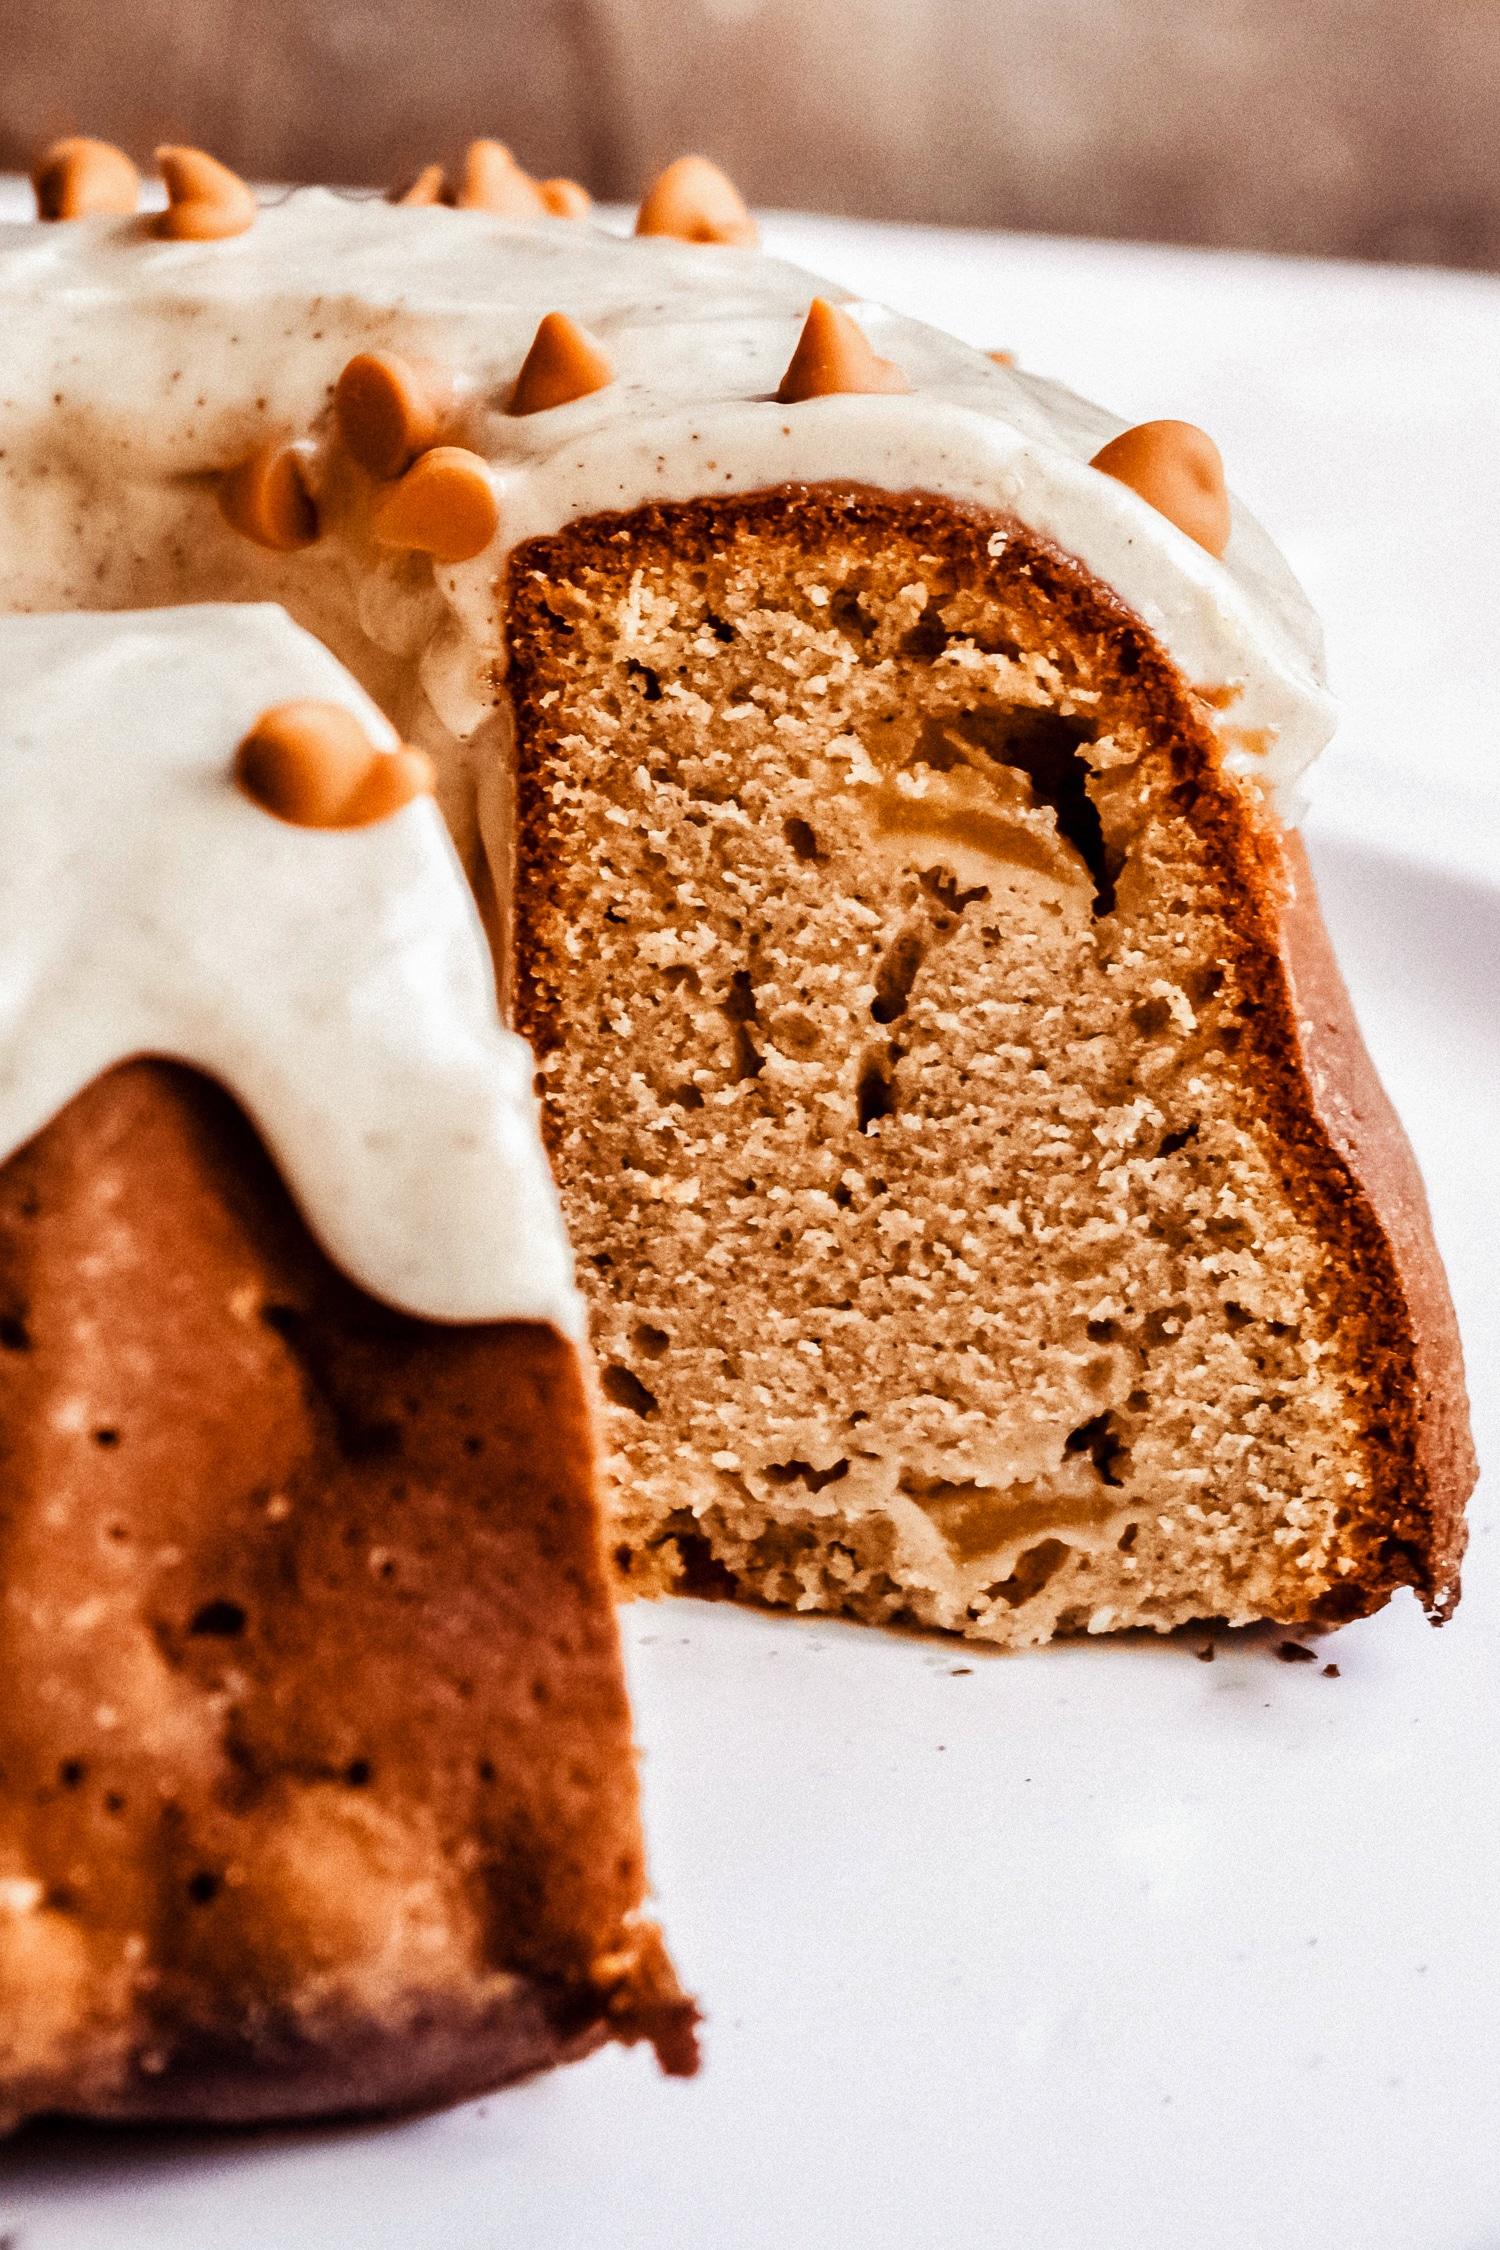 pastel de manzana con una rodaja cortada